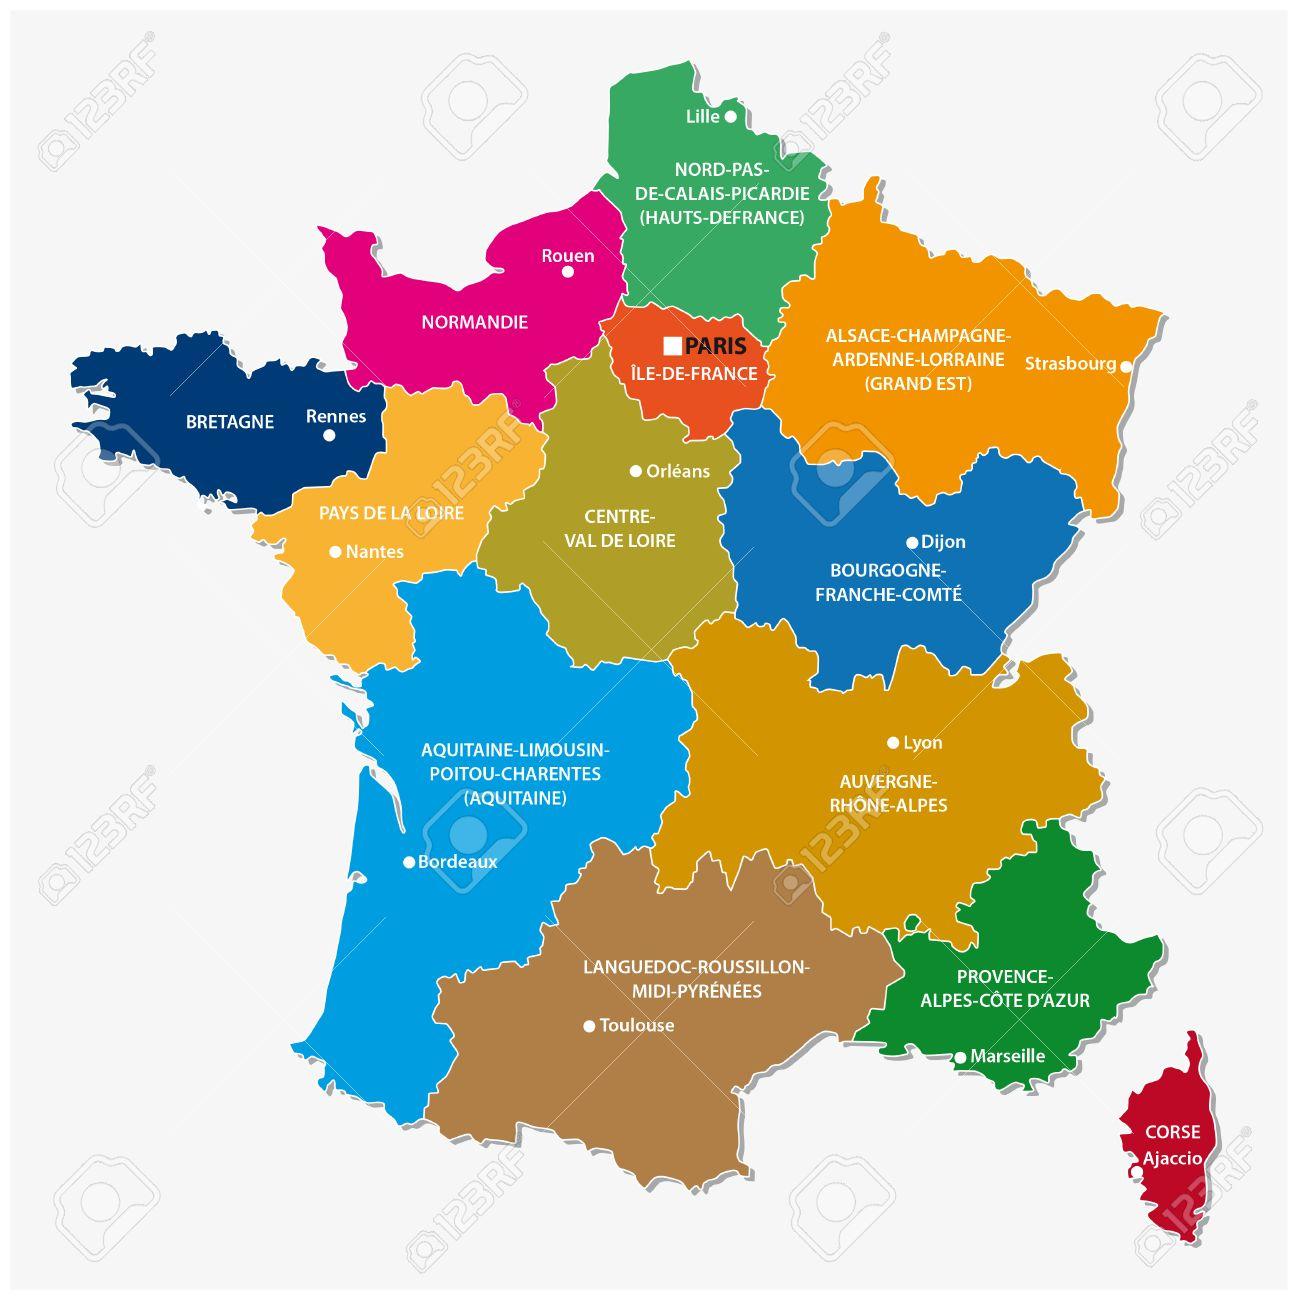 Les Nouvelles Régions De France Depuis La Carte intérieur Carte Des Régions Françaises